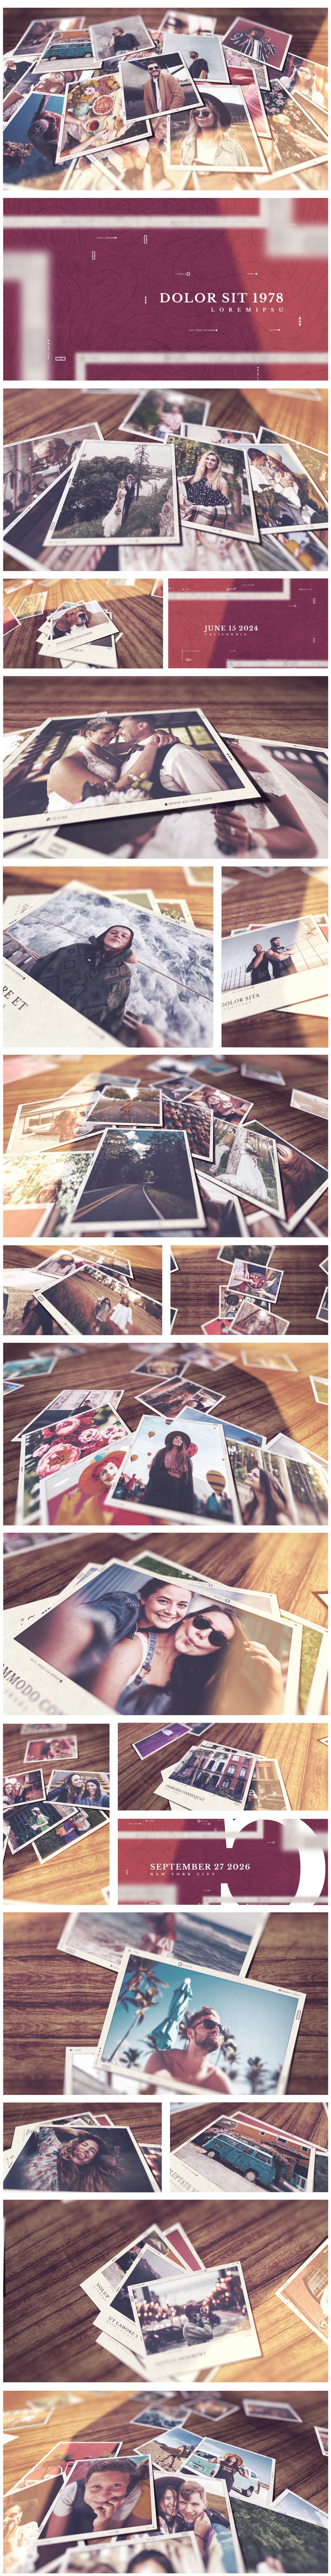 时尚浪漫婚礼摄影作品集动态演示AE视频模板 Romantic Slideshow插图